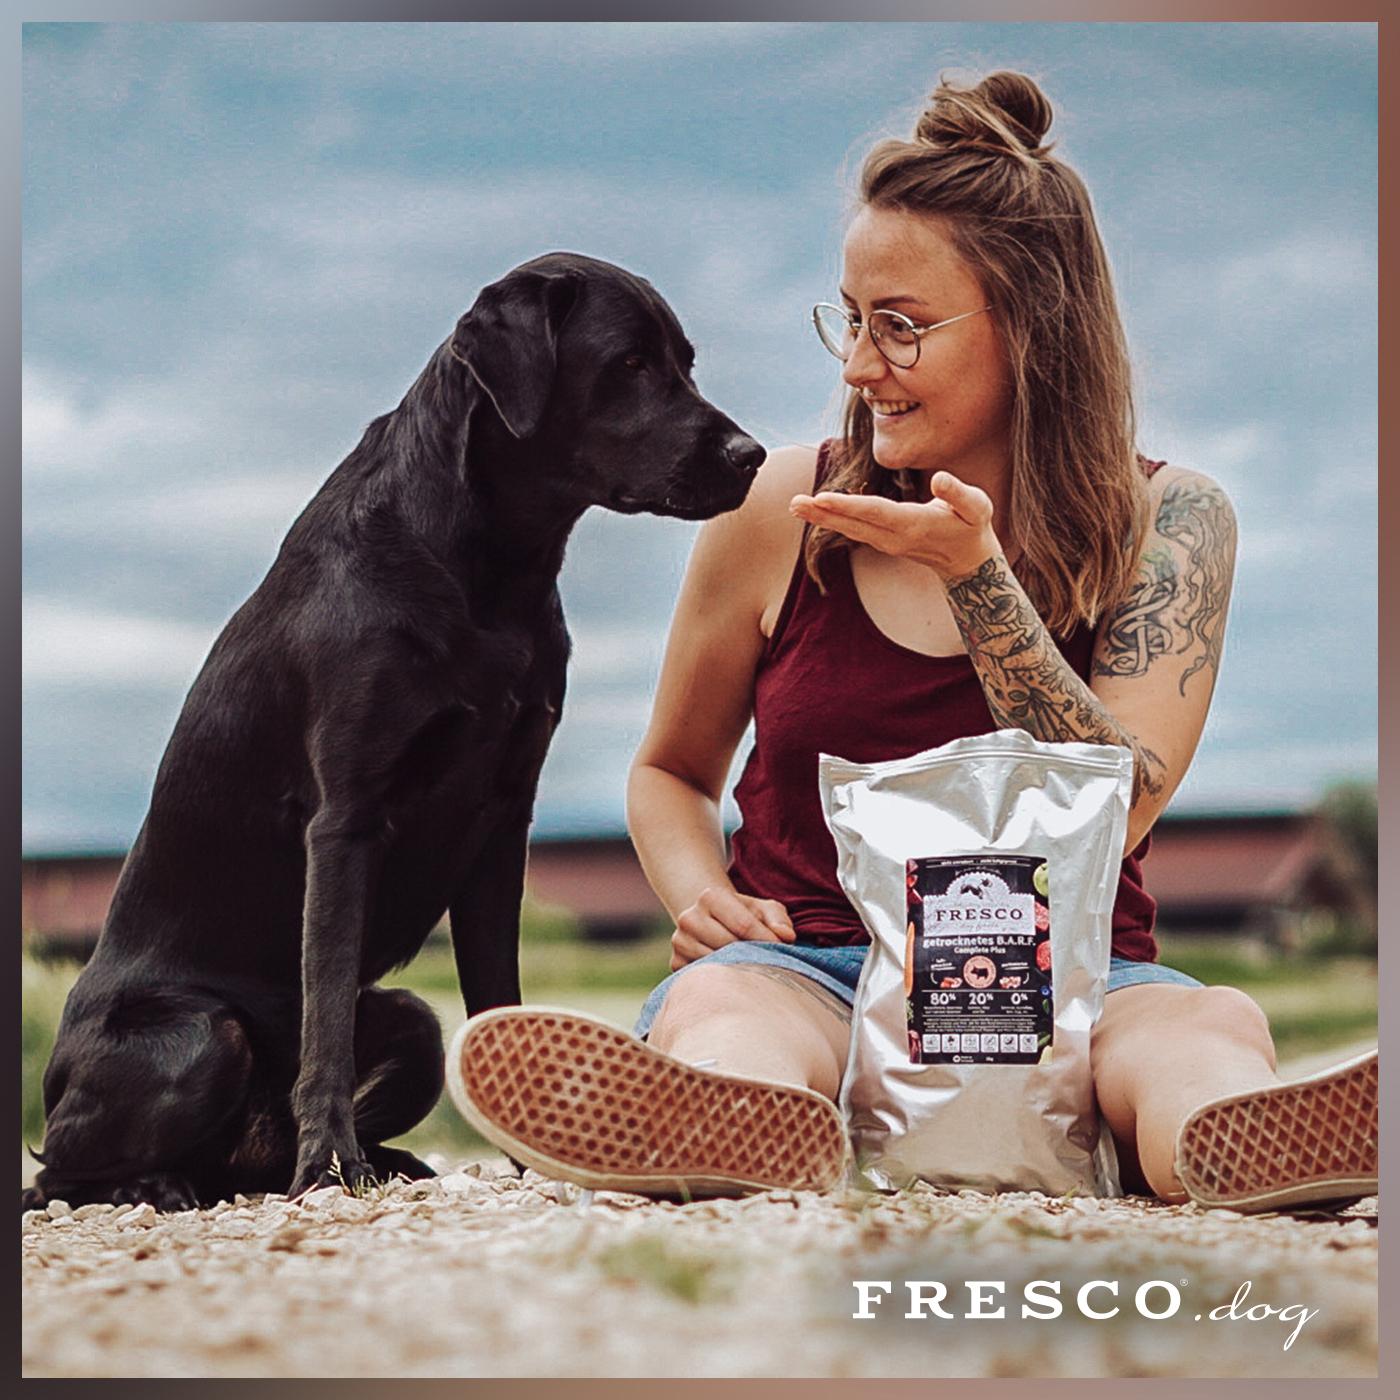 fresco-customer-775f573c74dd178